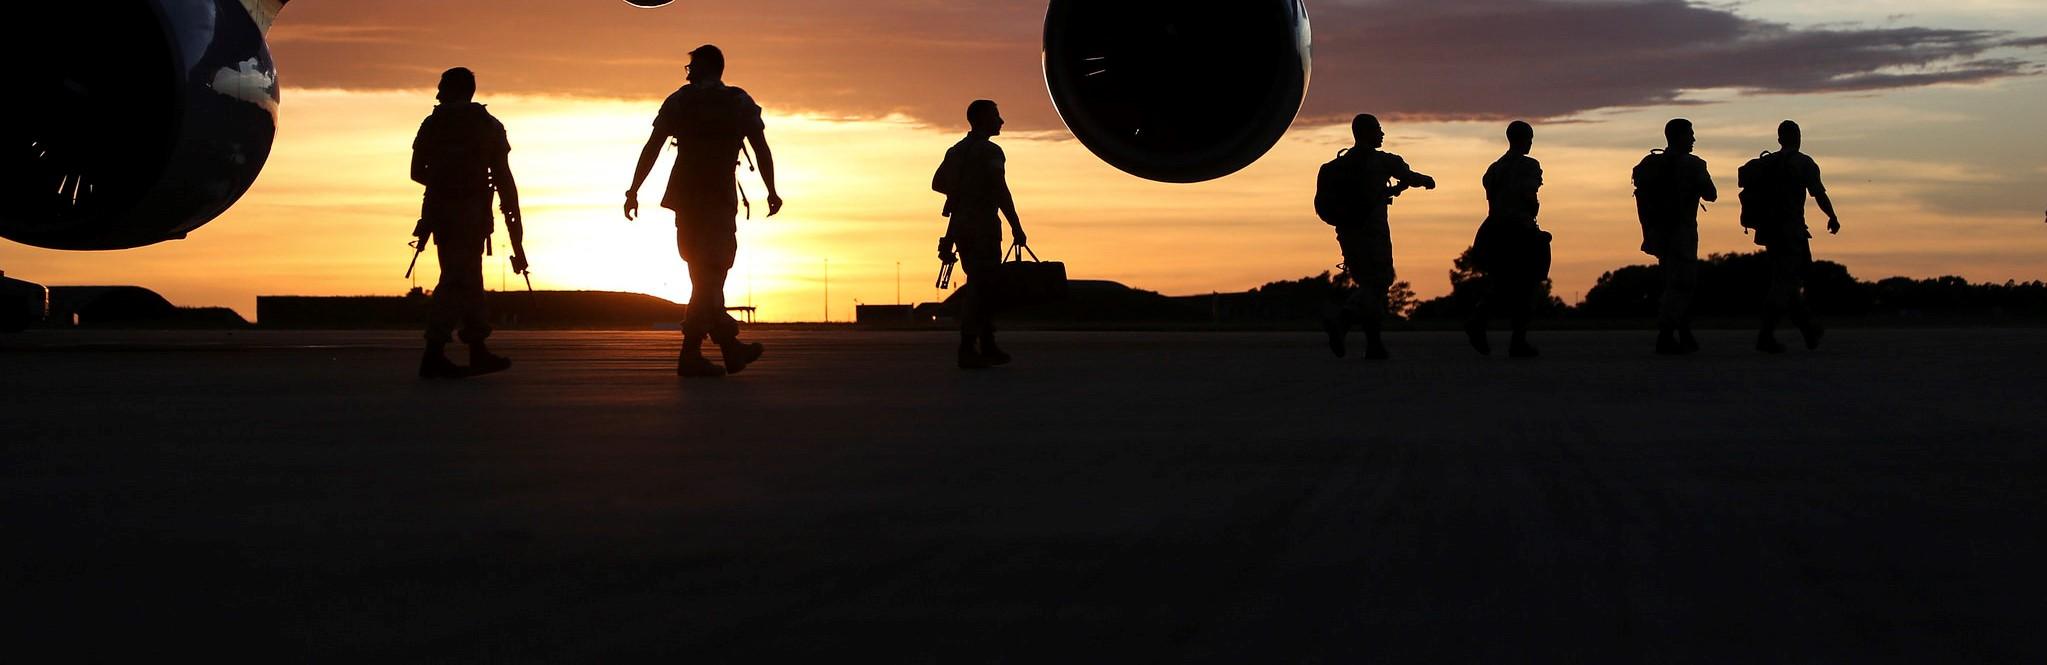 US troops arrive in Darwin, 2016 (Photo: Flickr/Department of Defense)